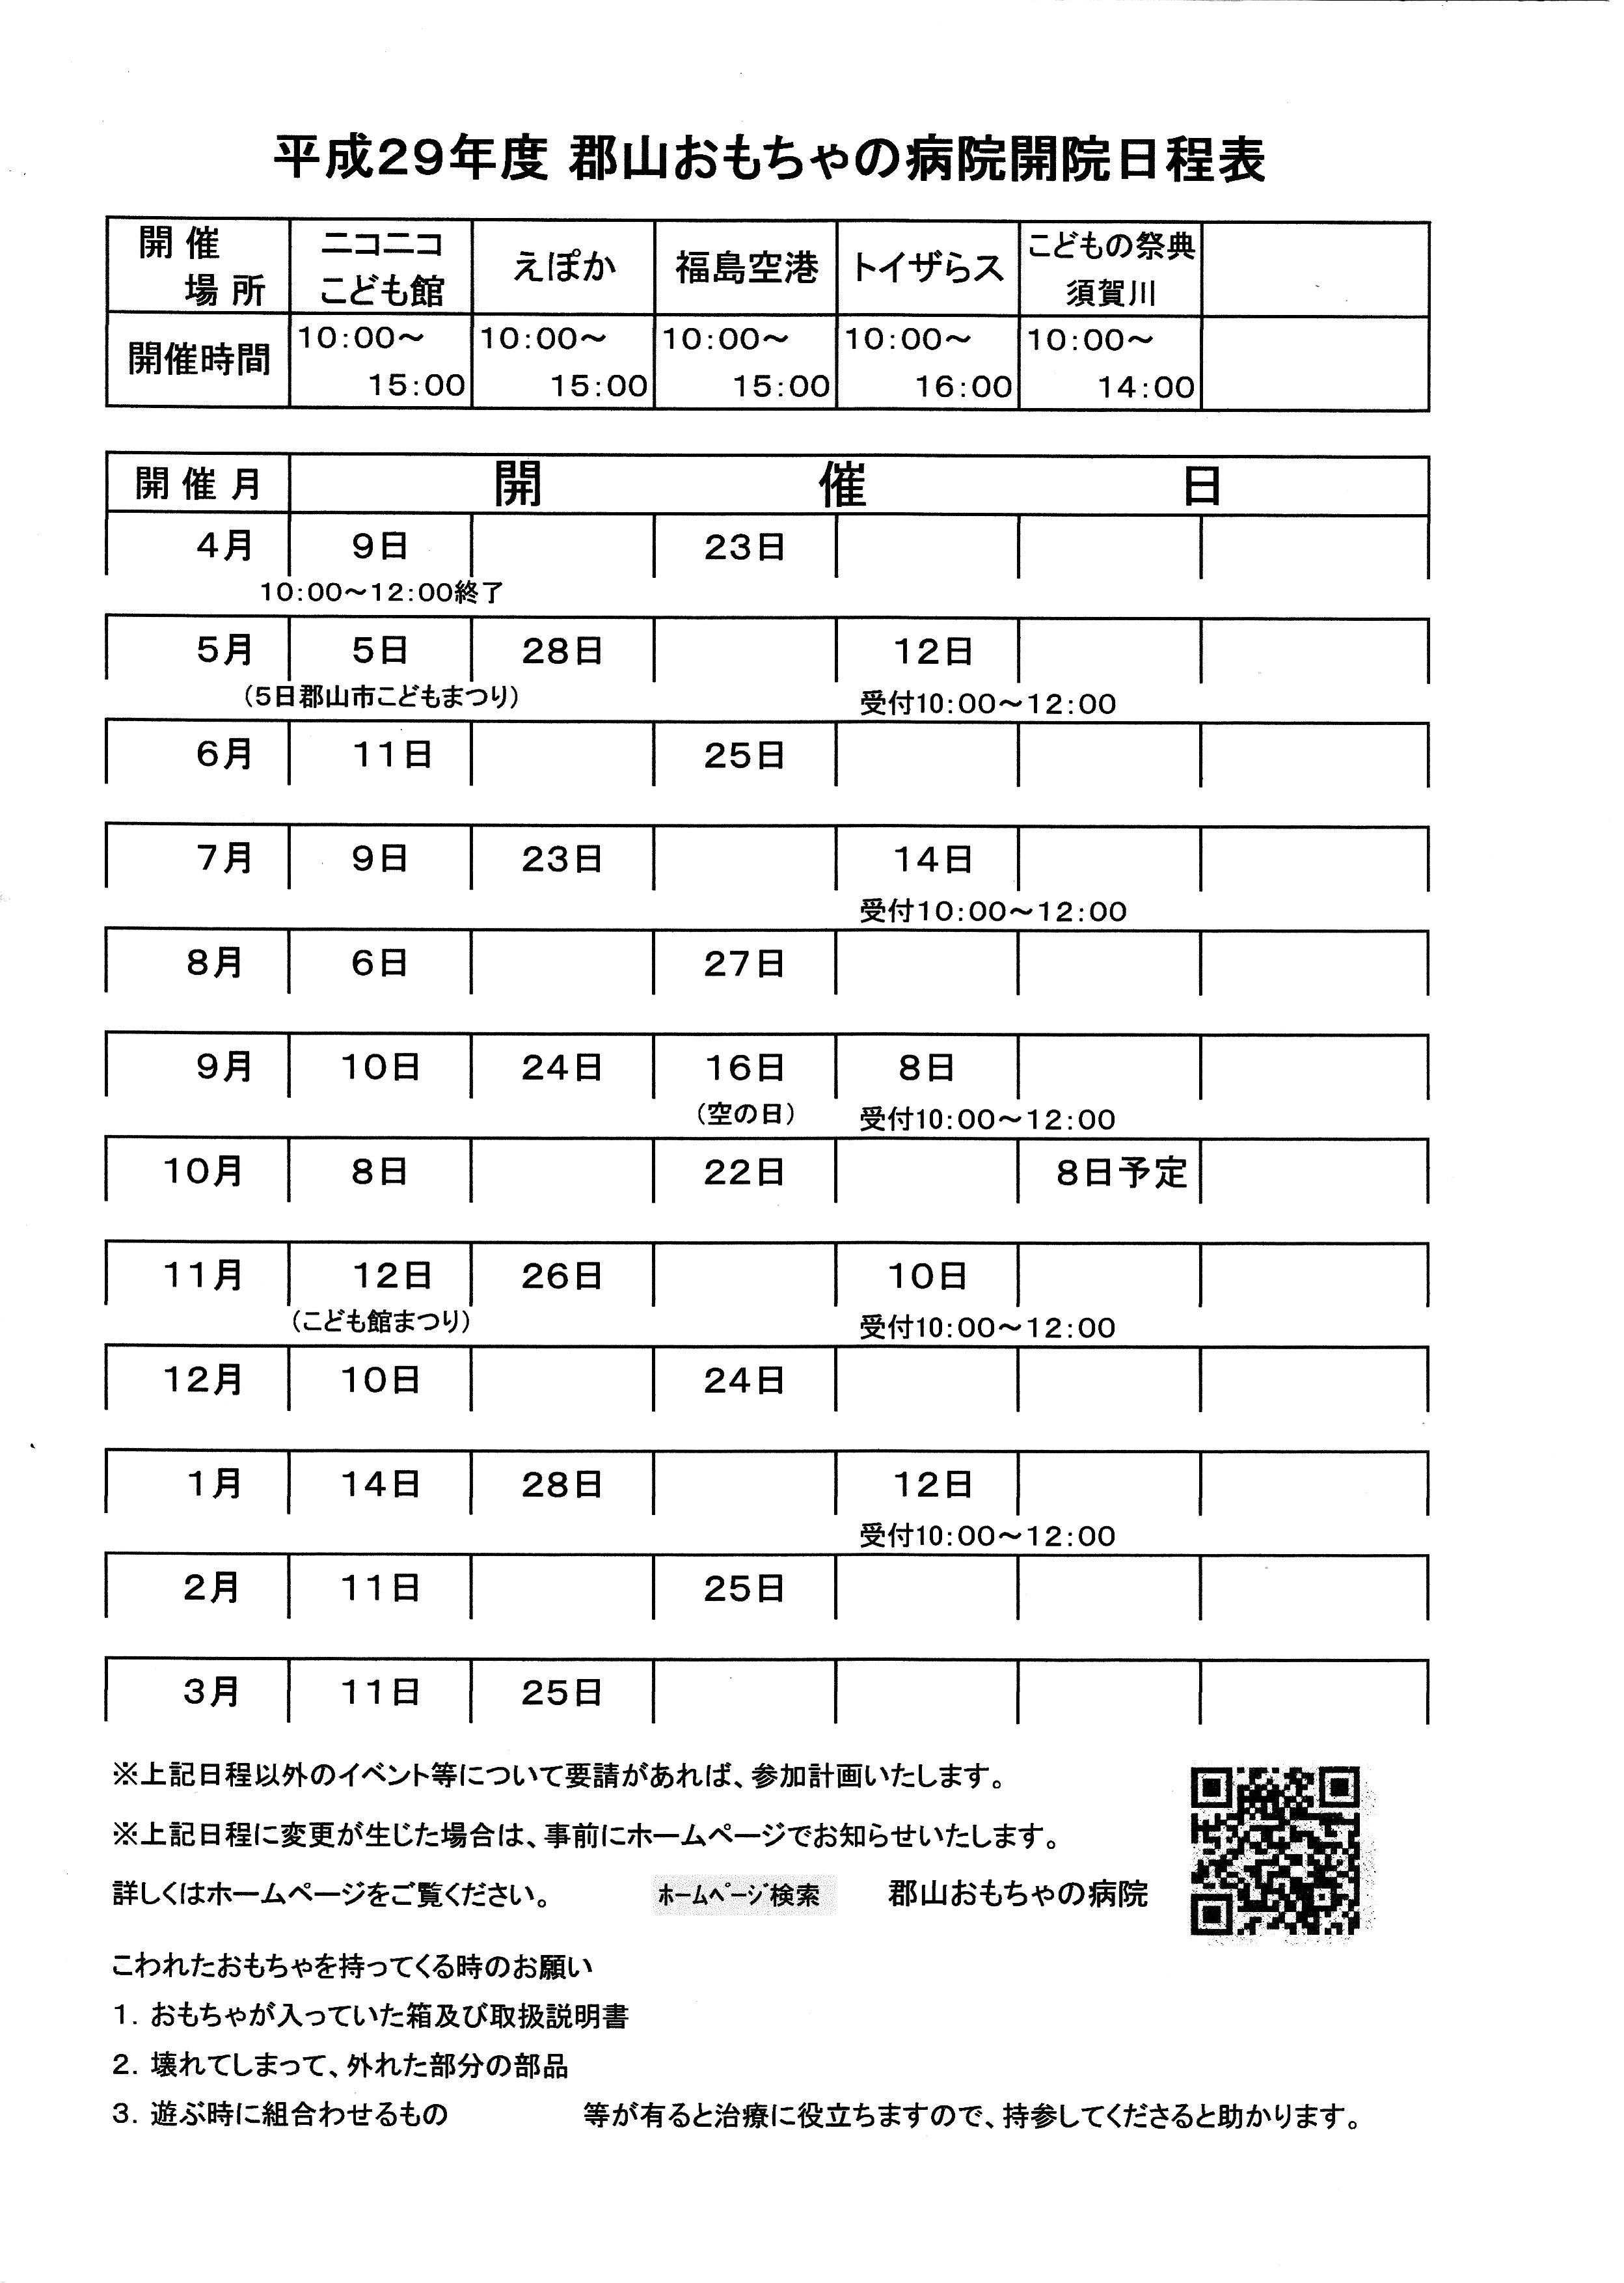 2017開院日程表